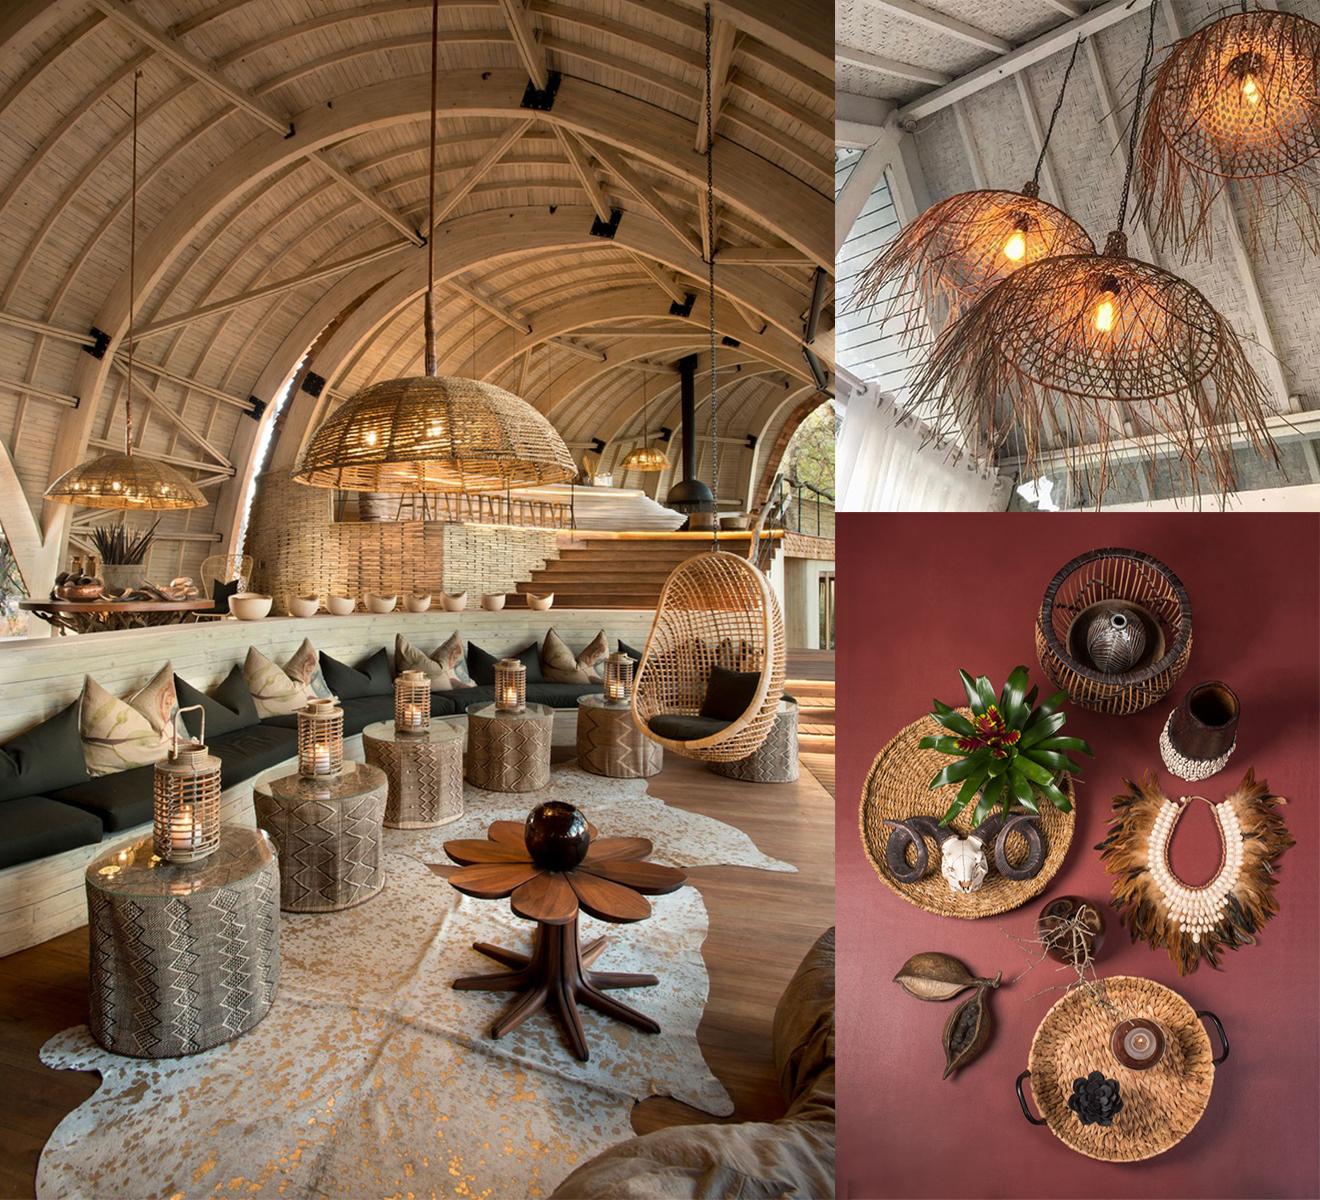 Das Rattan-Interior der &beyond Sandibe Safari Loge in Botsuana, das warme Licht der Rattan-Lampen von Bazar Bizar und die geflochtenen Körbe von Kersten machen Fernweh nach Afrika.